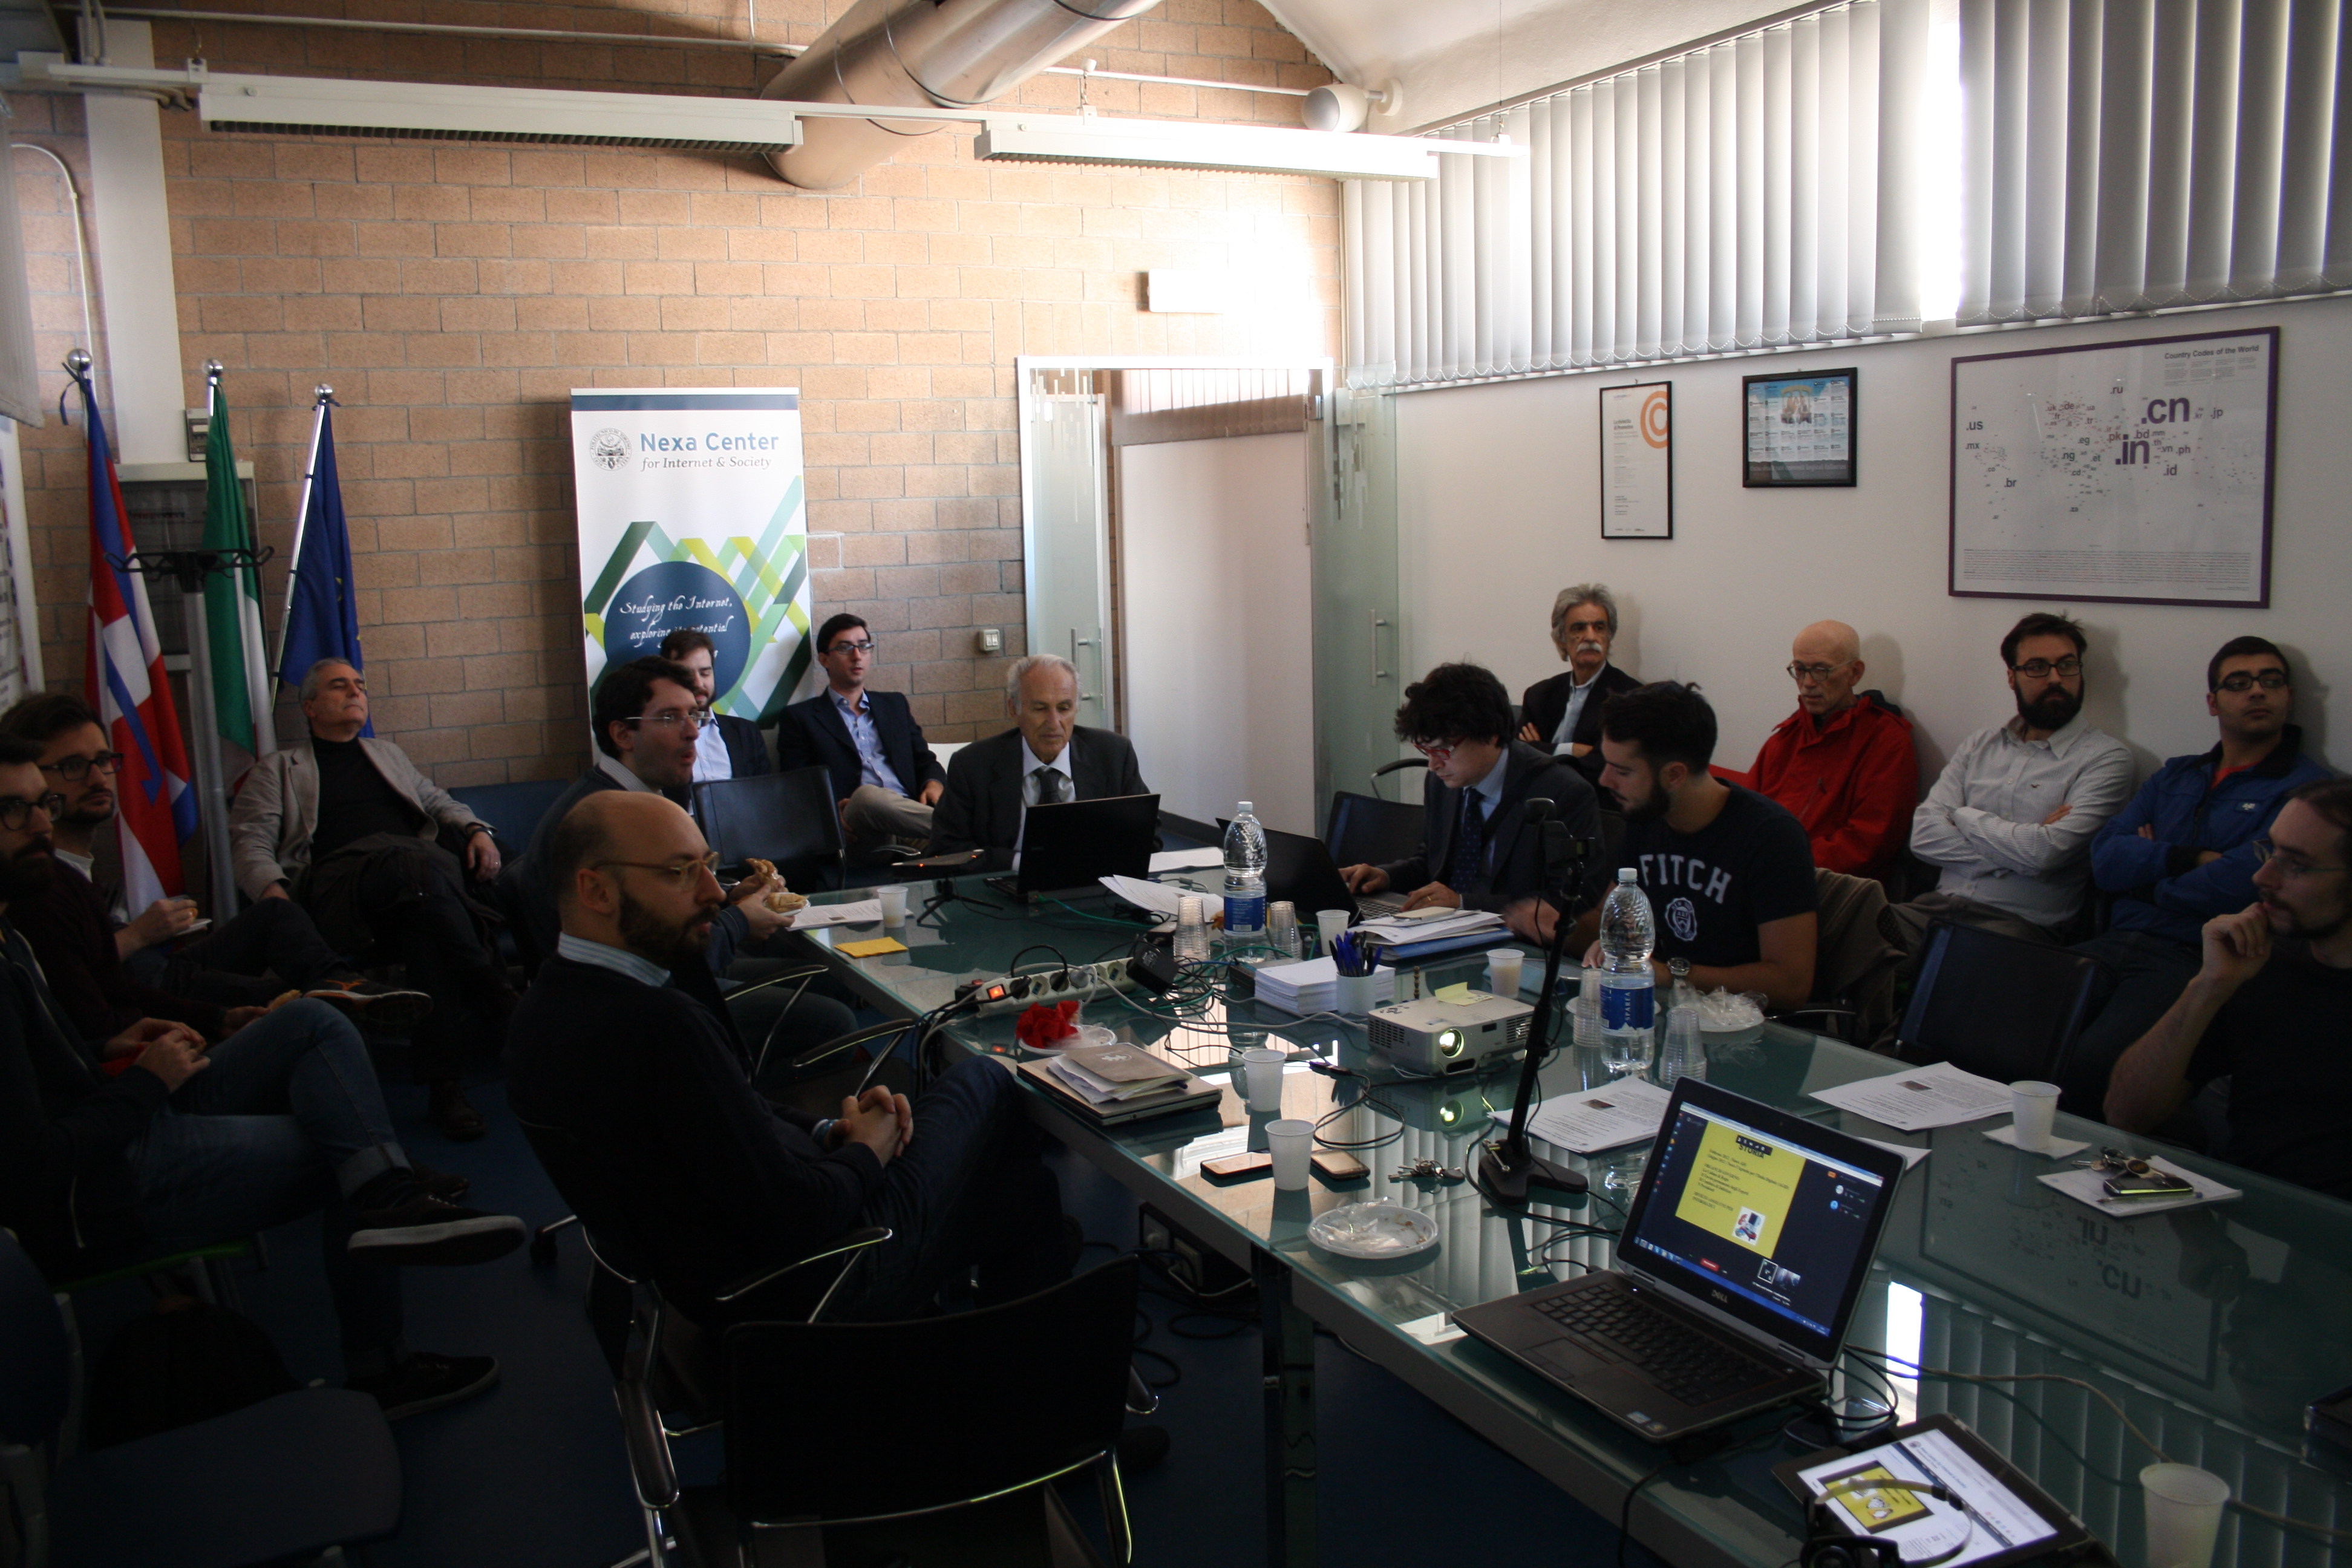 25° Nexa Lunch Seminar - Il software libero per l'attuazione dell'Agenda digitale